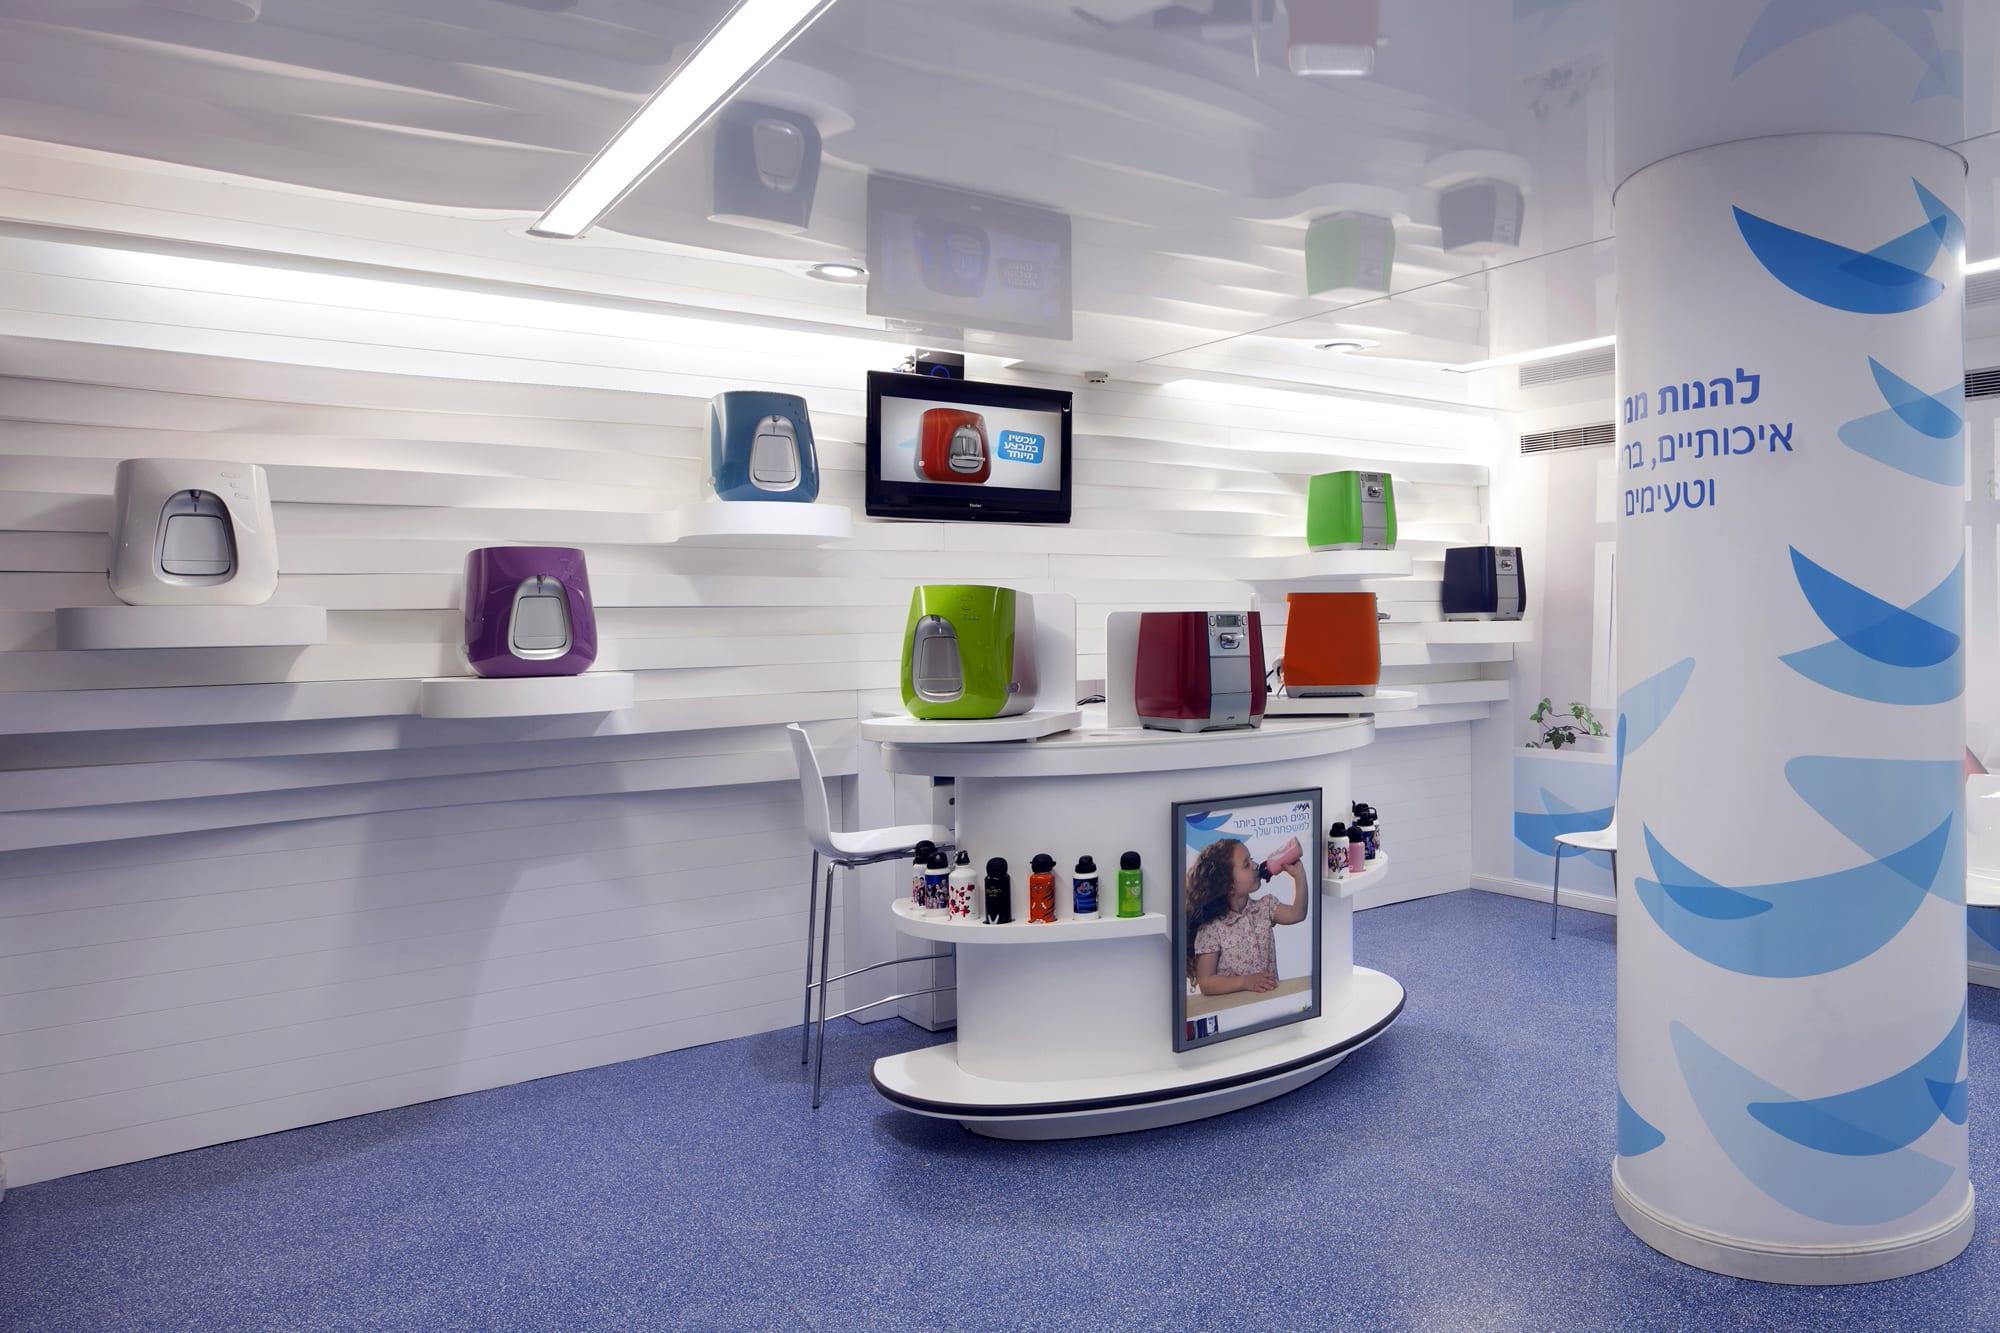 עיצוב משרד מודרני - תמי 4